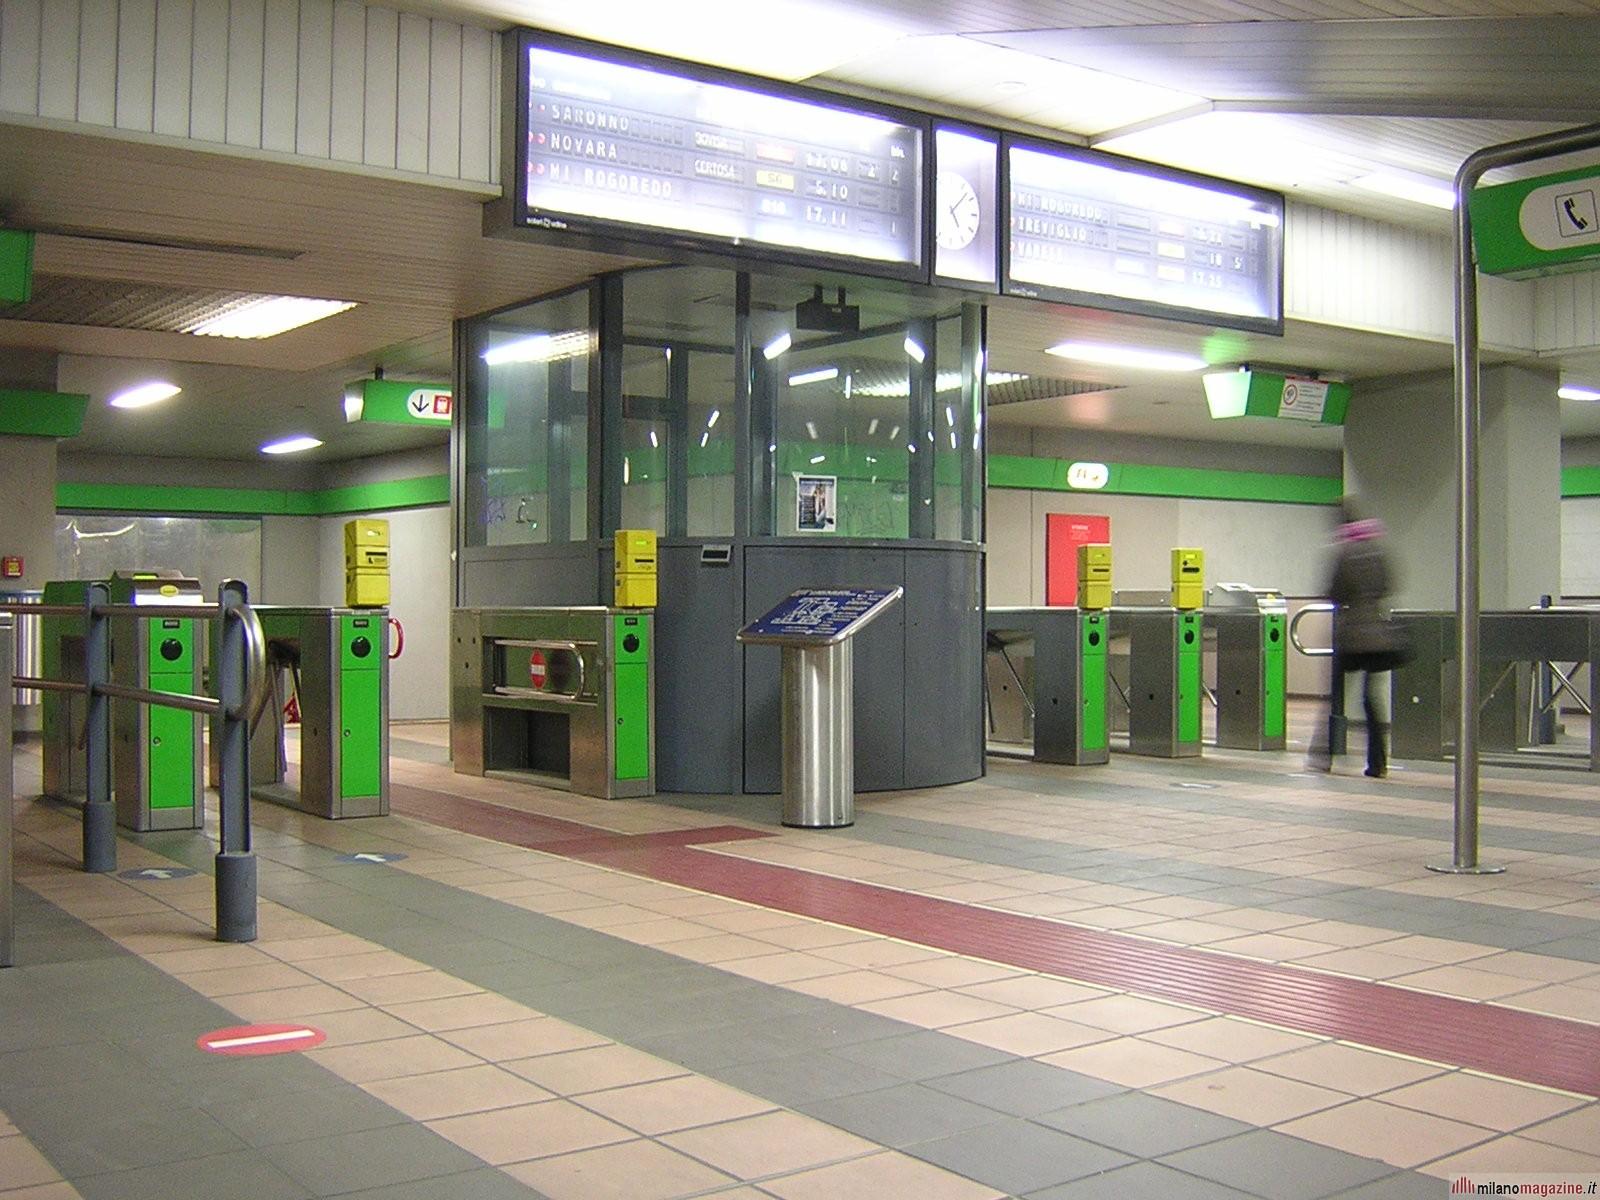 Il passante ferroviario una soluzione sottovalutata per - Passante ferroviario porta garibaldi ...